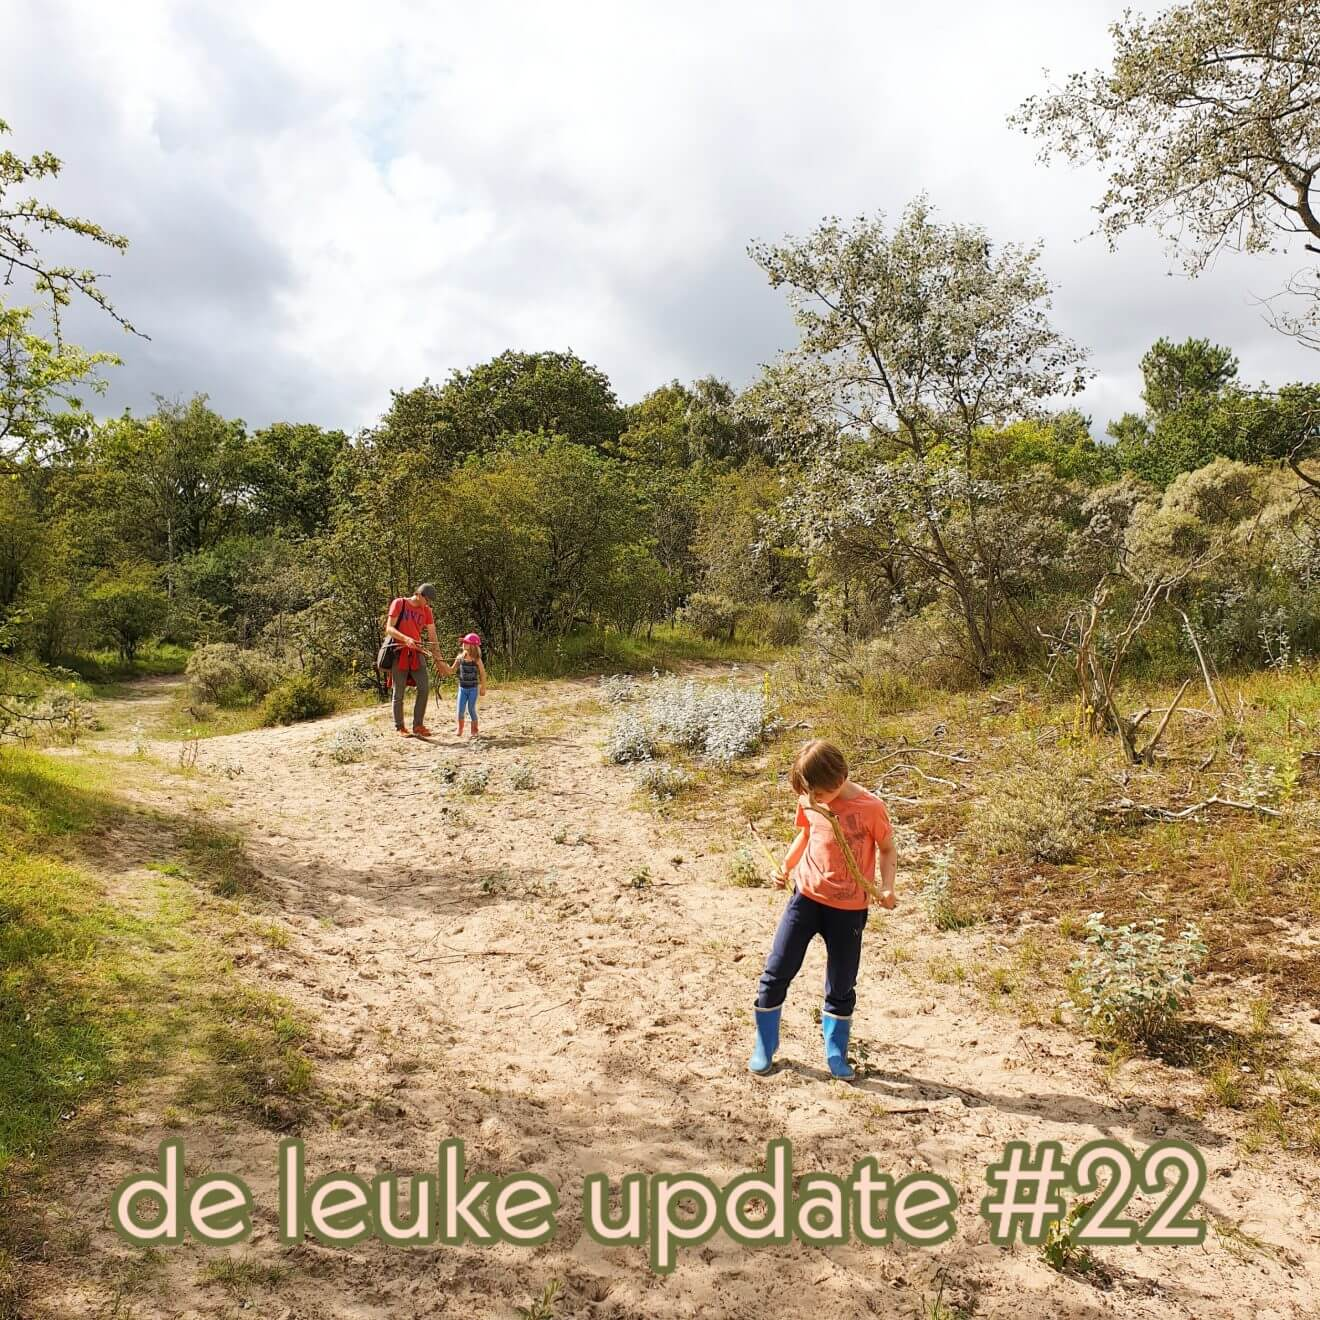 De Leuke Update #22   nieuwtjes, musthaves en hotspots voor kids